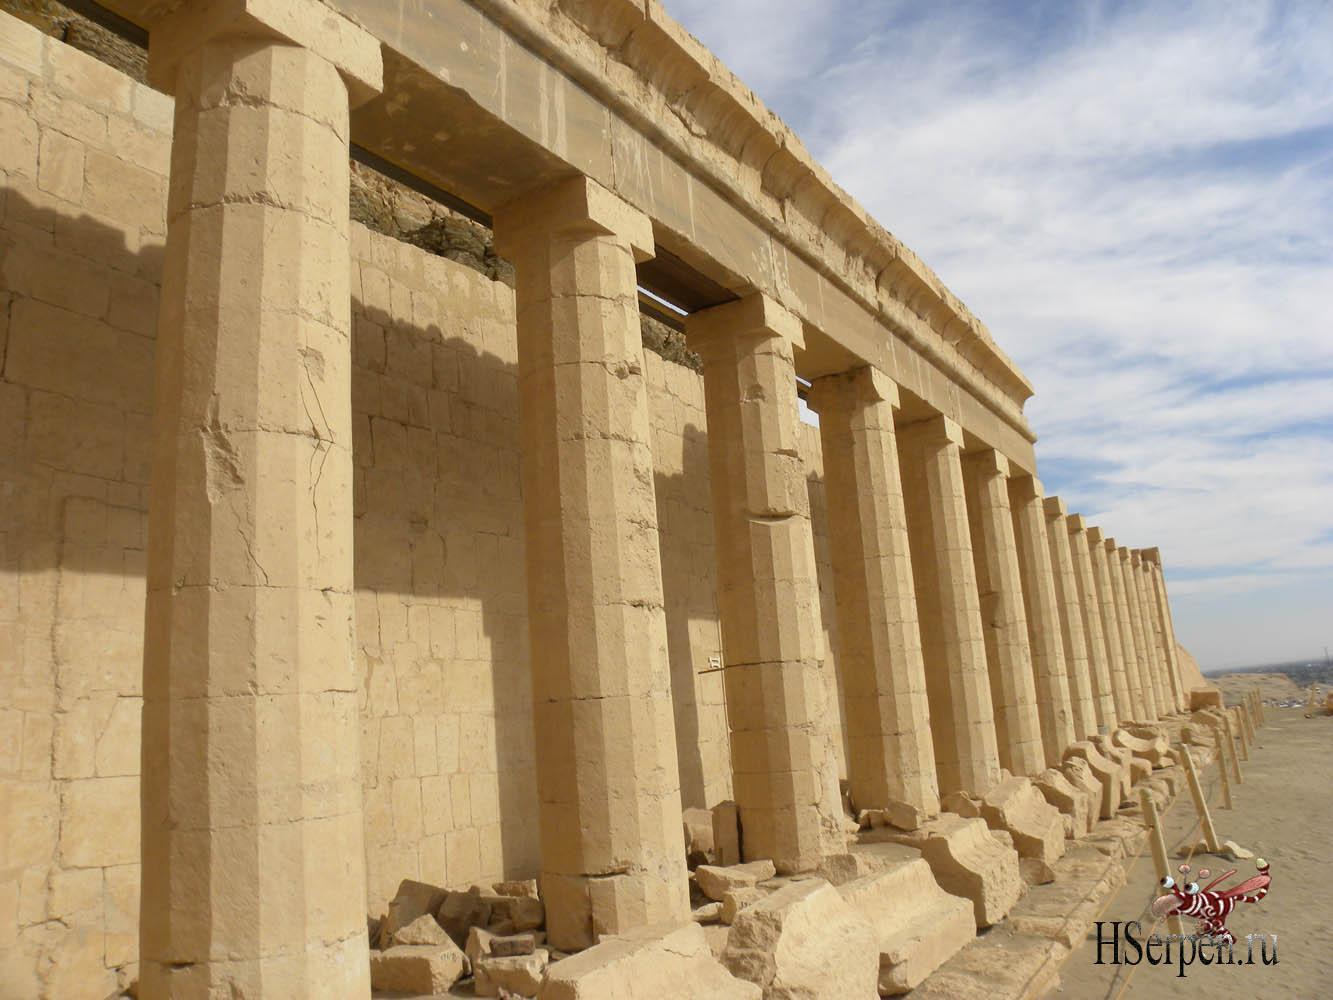 Комментарии об изучении Древнего Египта